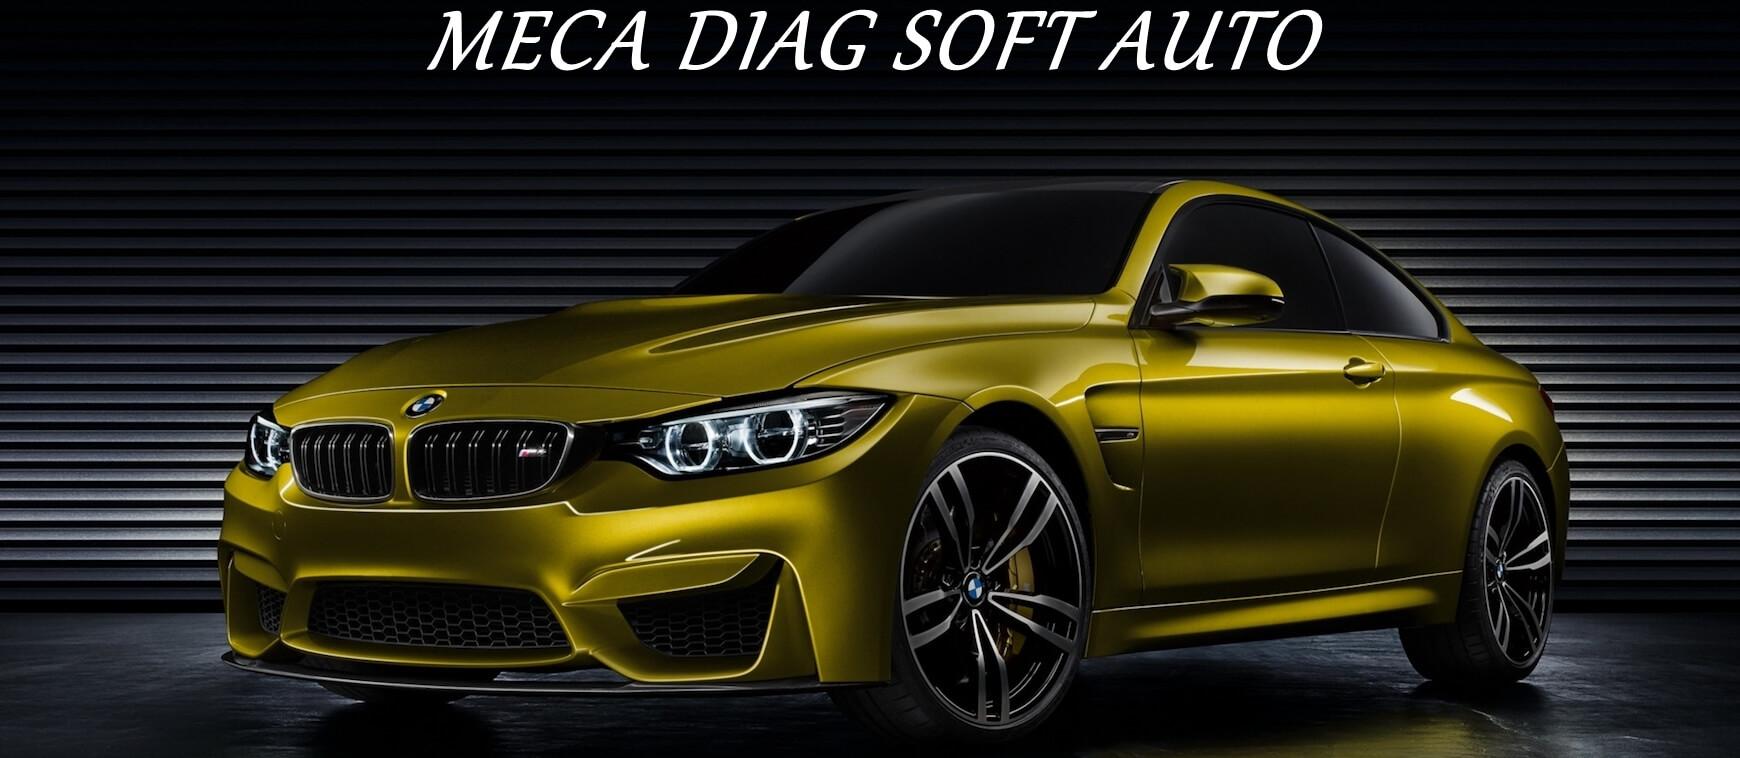 Meca diag soft auto cover